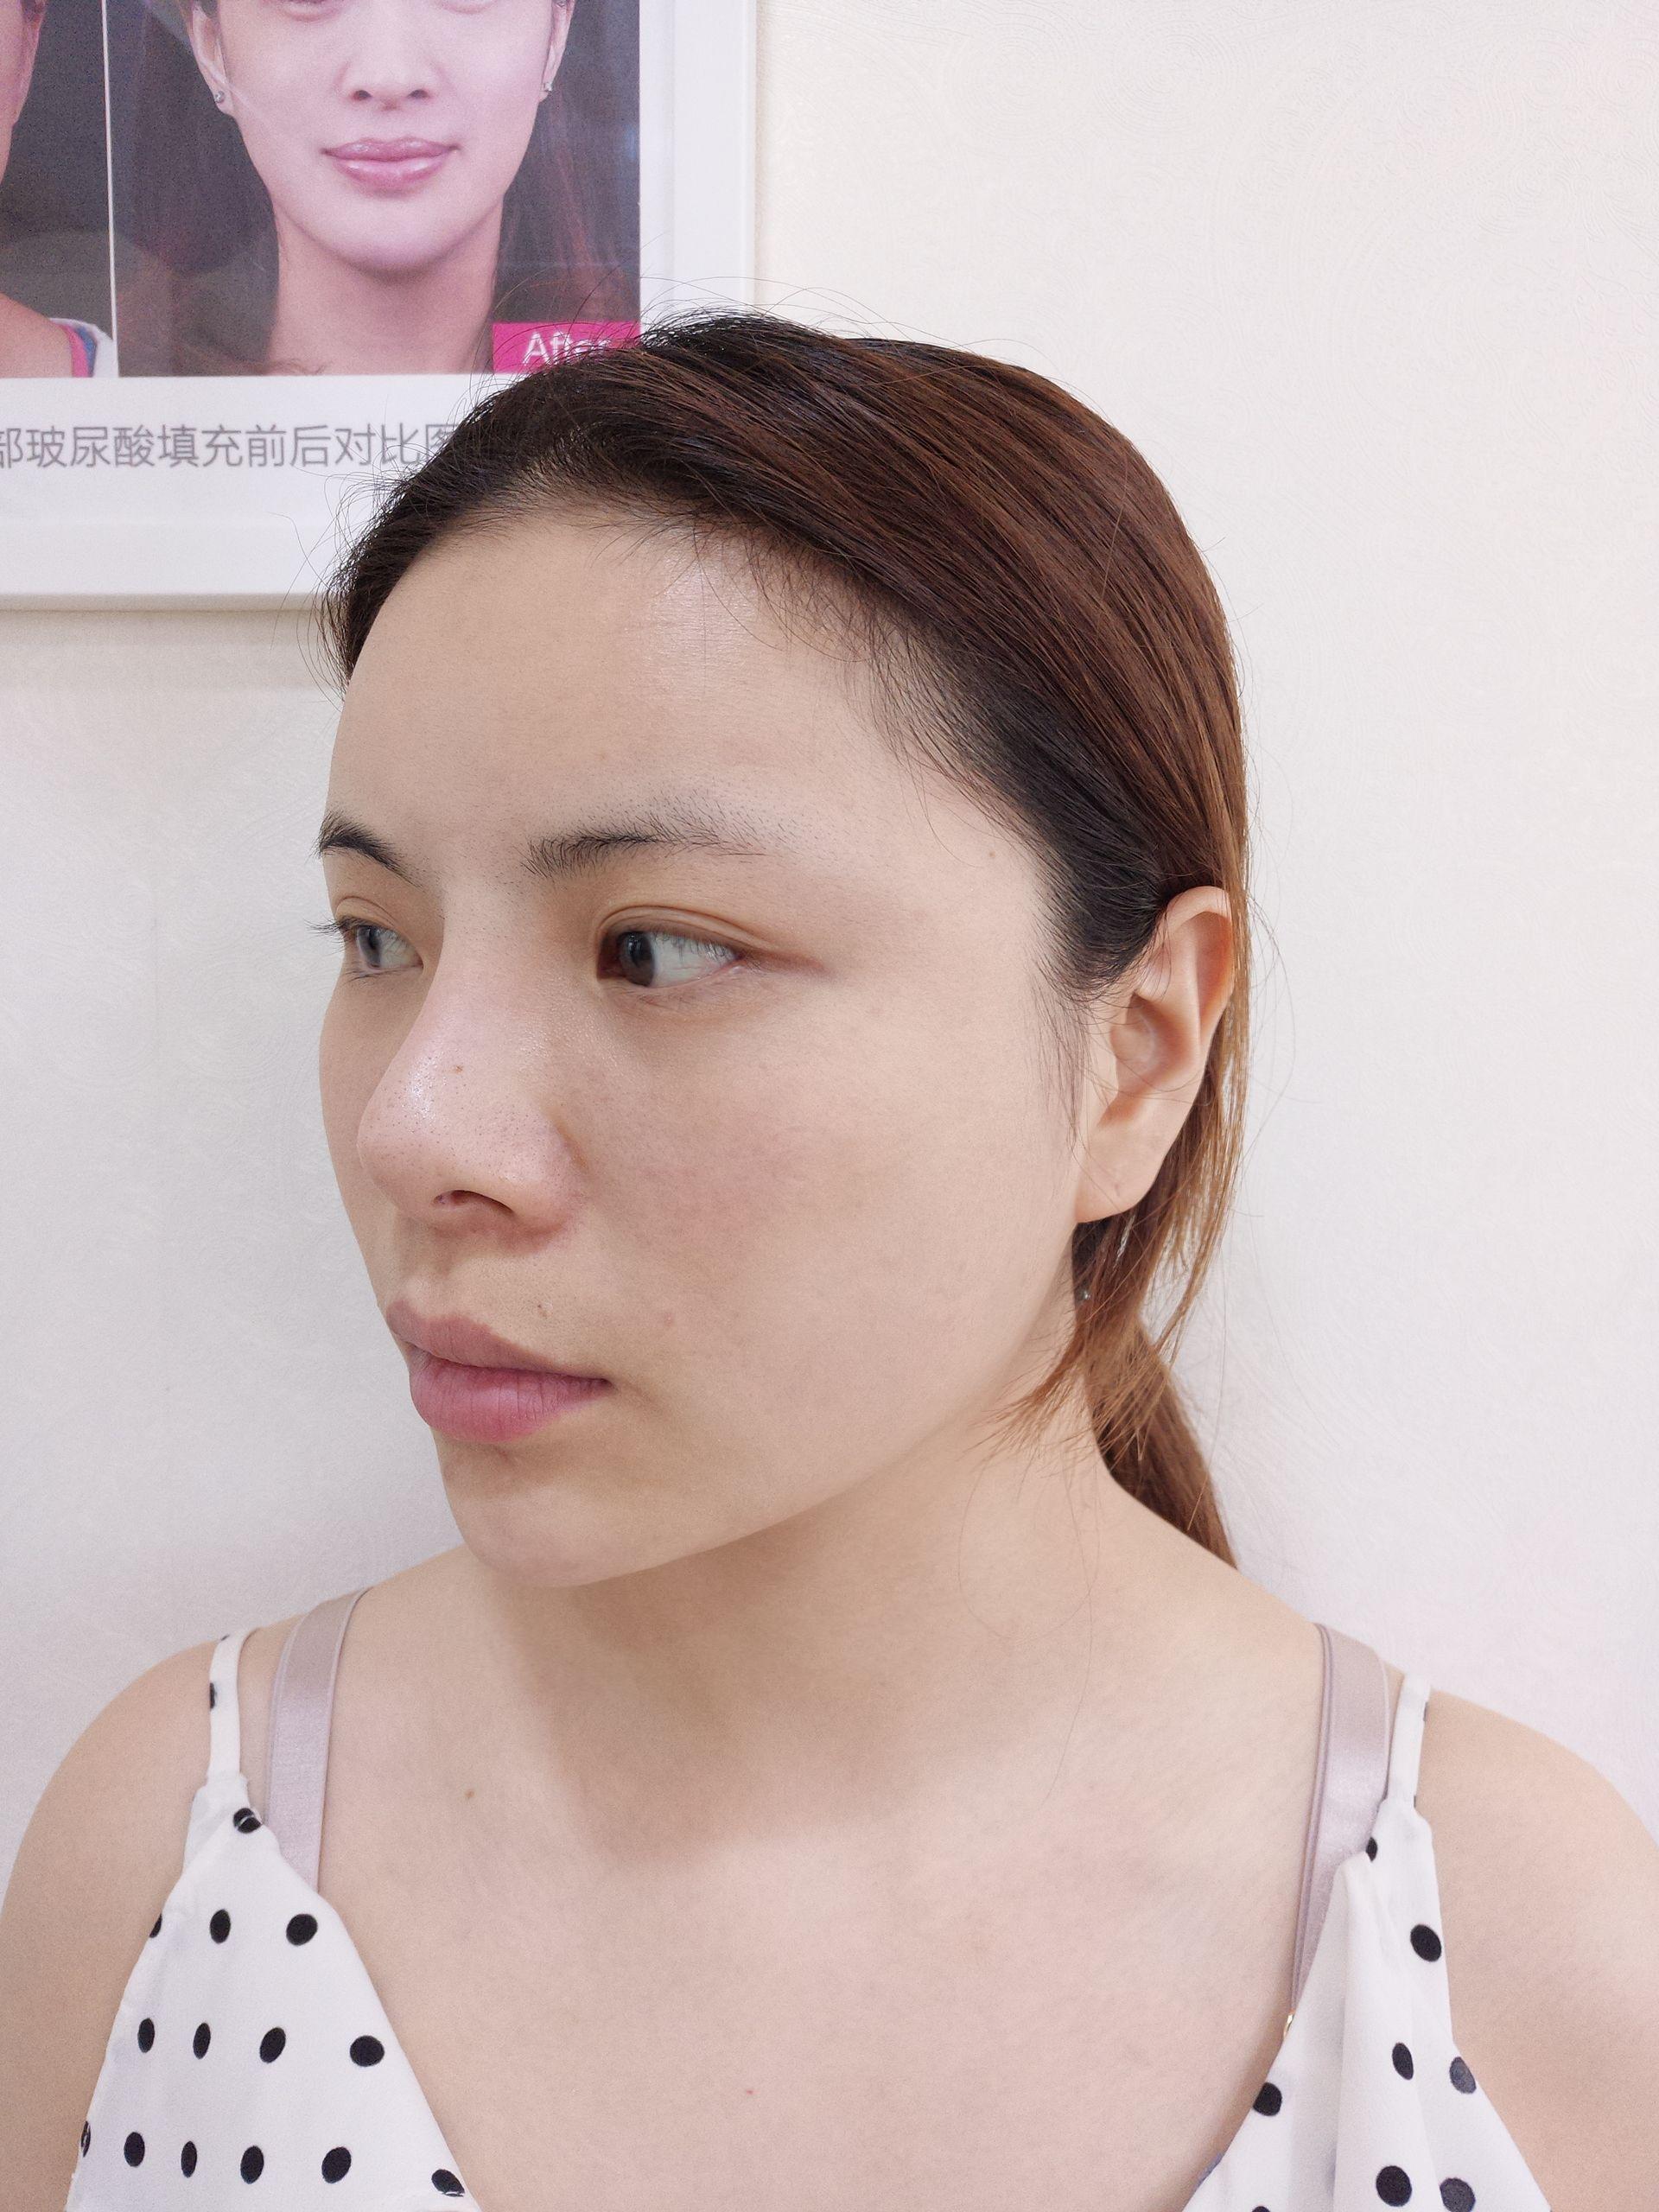 刚注射完瘦脸针和下巴,立刻就有了尖下巴哦,真的显脸小了呢,瘦脸针还要过段时间才能显出效果呢,期待~~马上就要去做隆鼻手术了呢,还是有点小紧张的哈